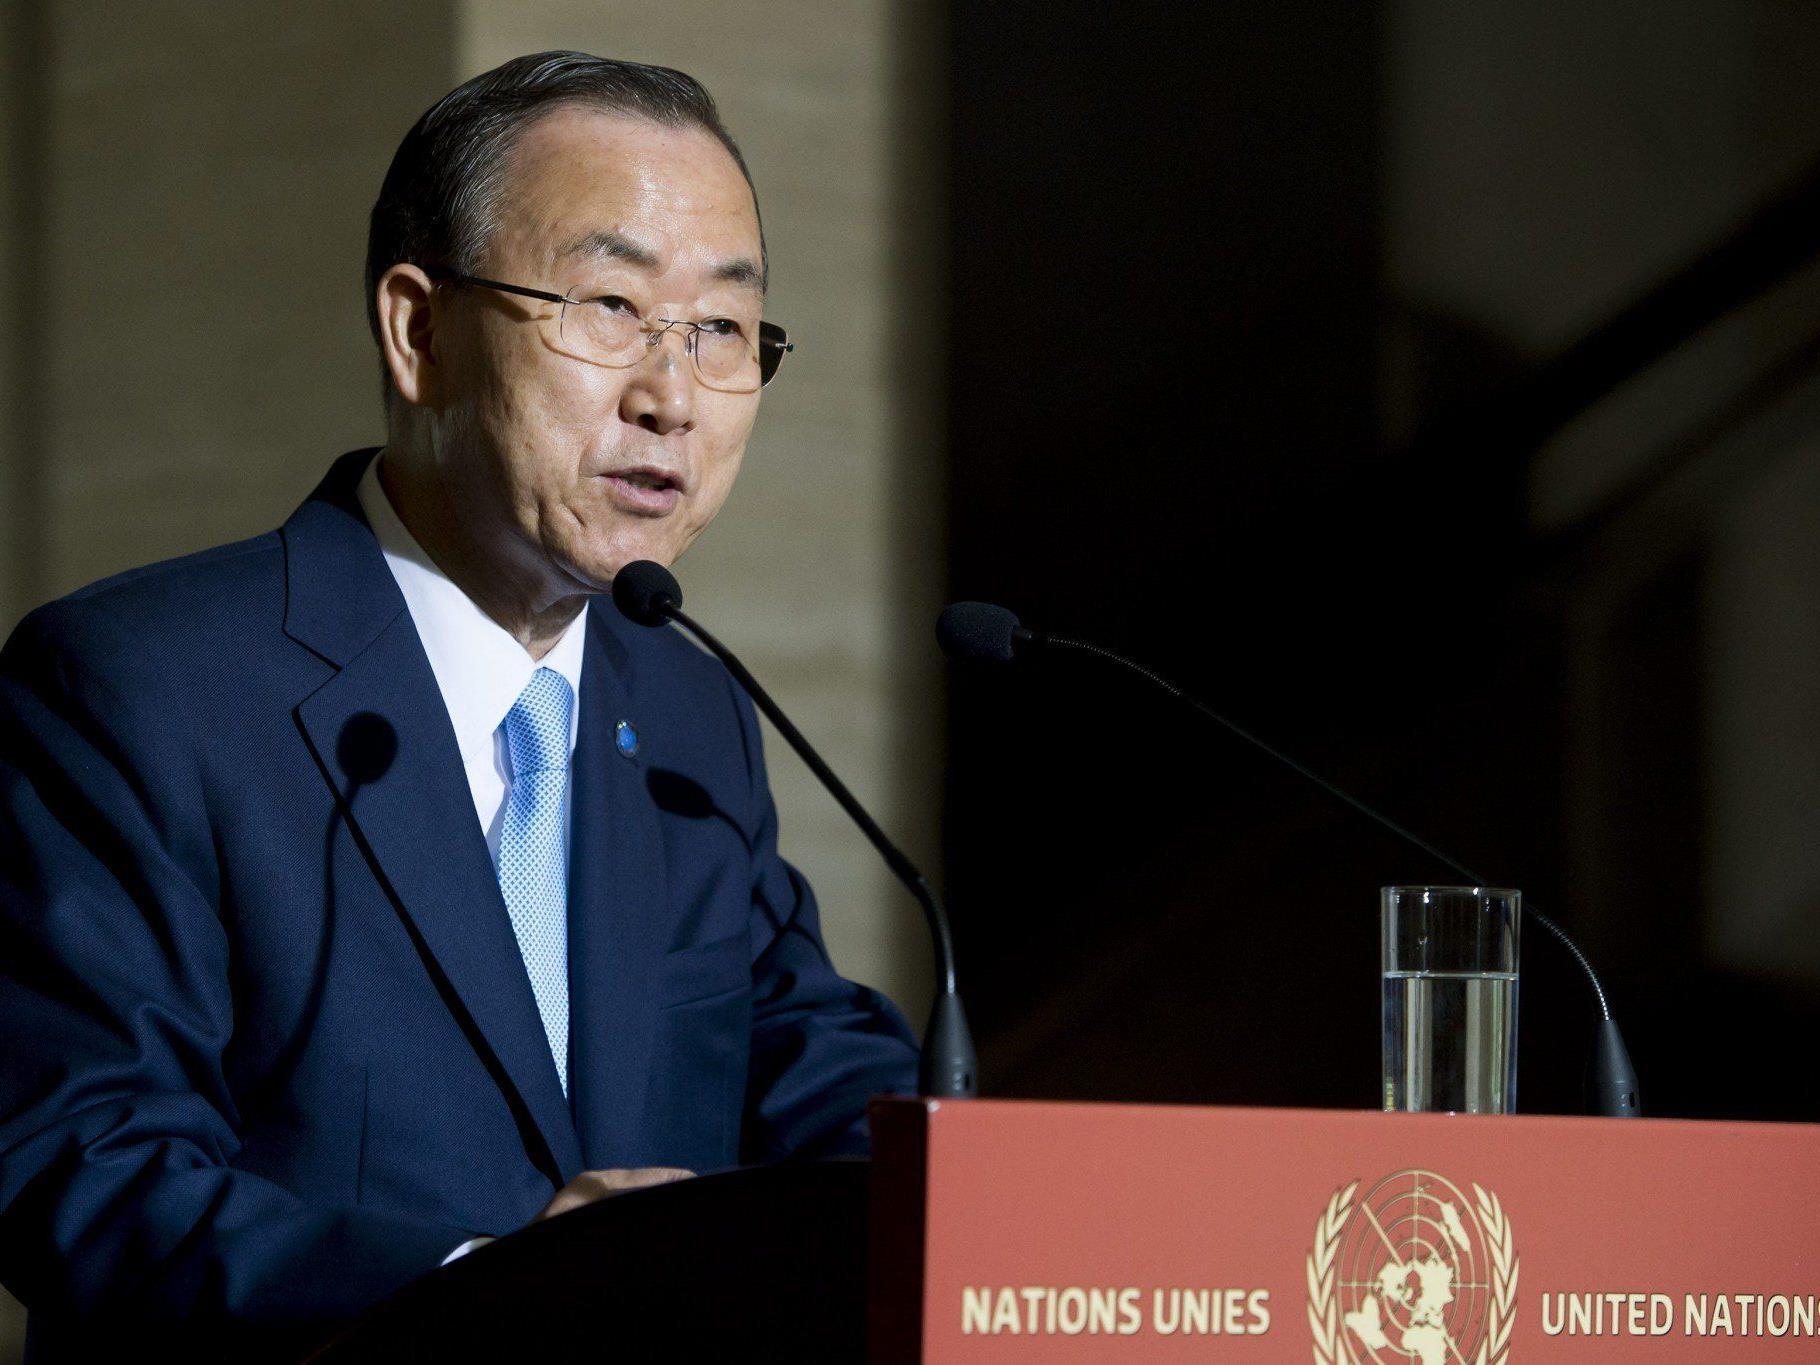 Ban Ki-moon gab bekannt, dass während der Auseinandersetzung in Syrien bisher mehr 100.000 Menschen ums Leben kamen.